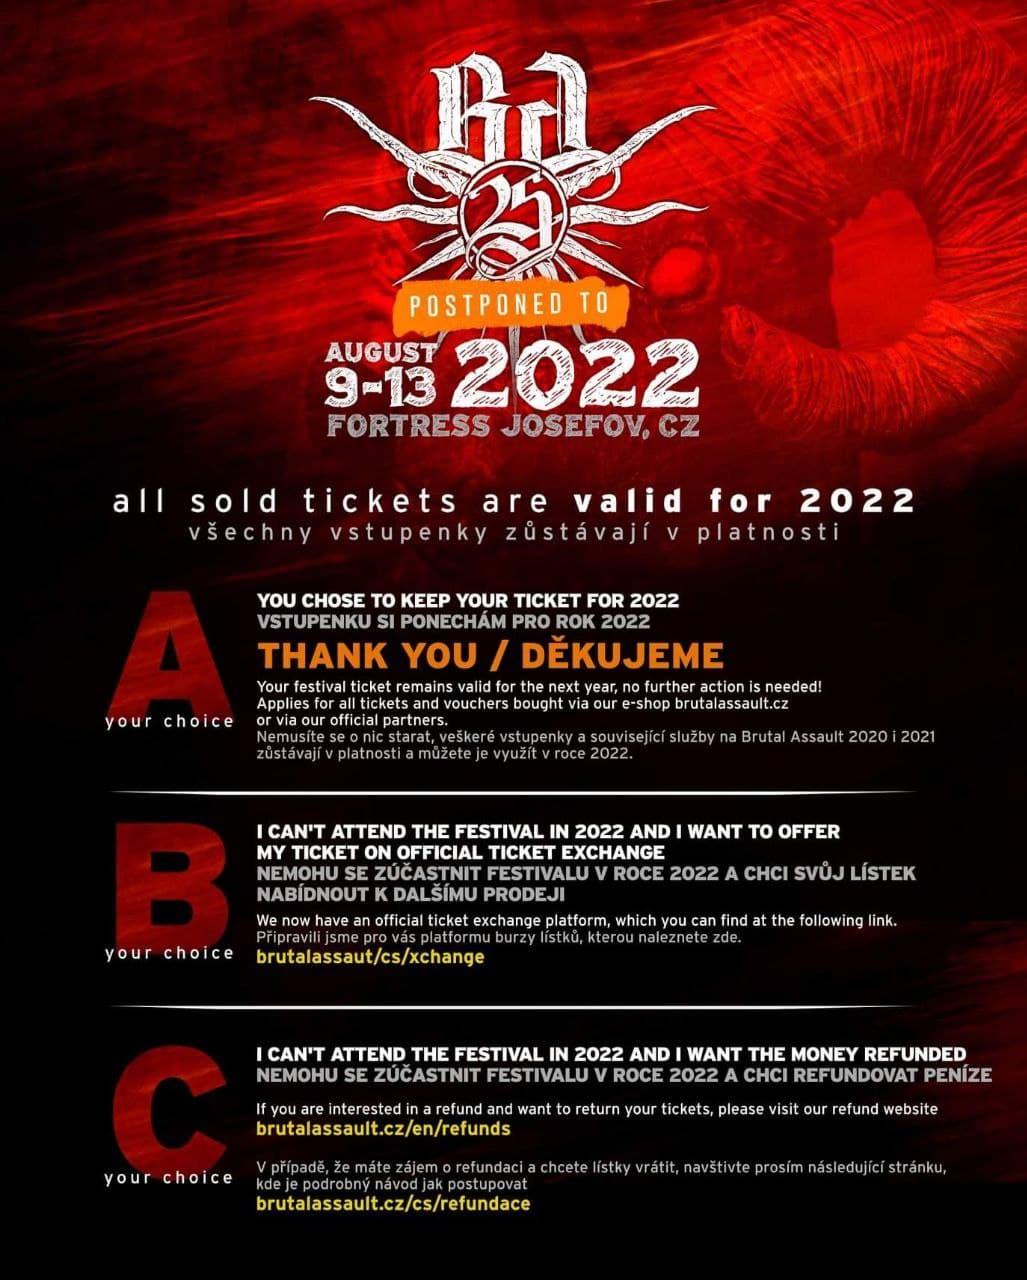 BA-postponed-2022